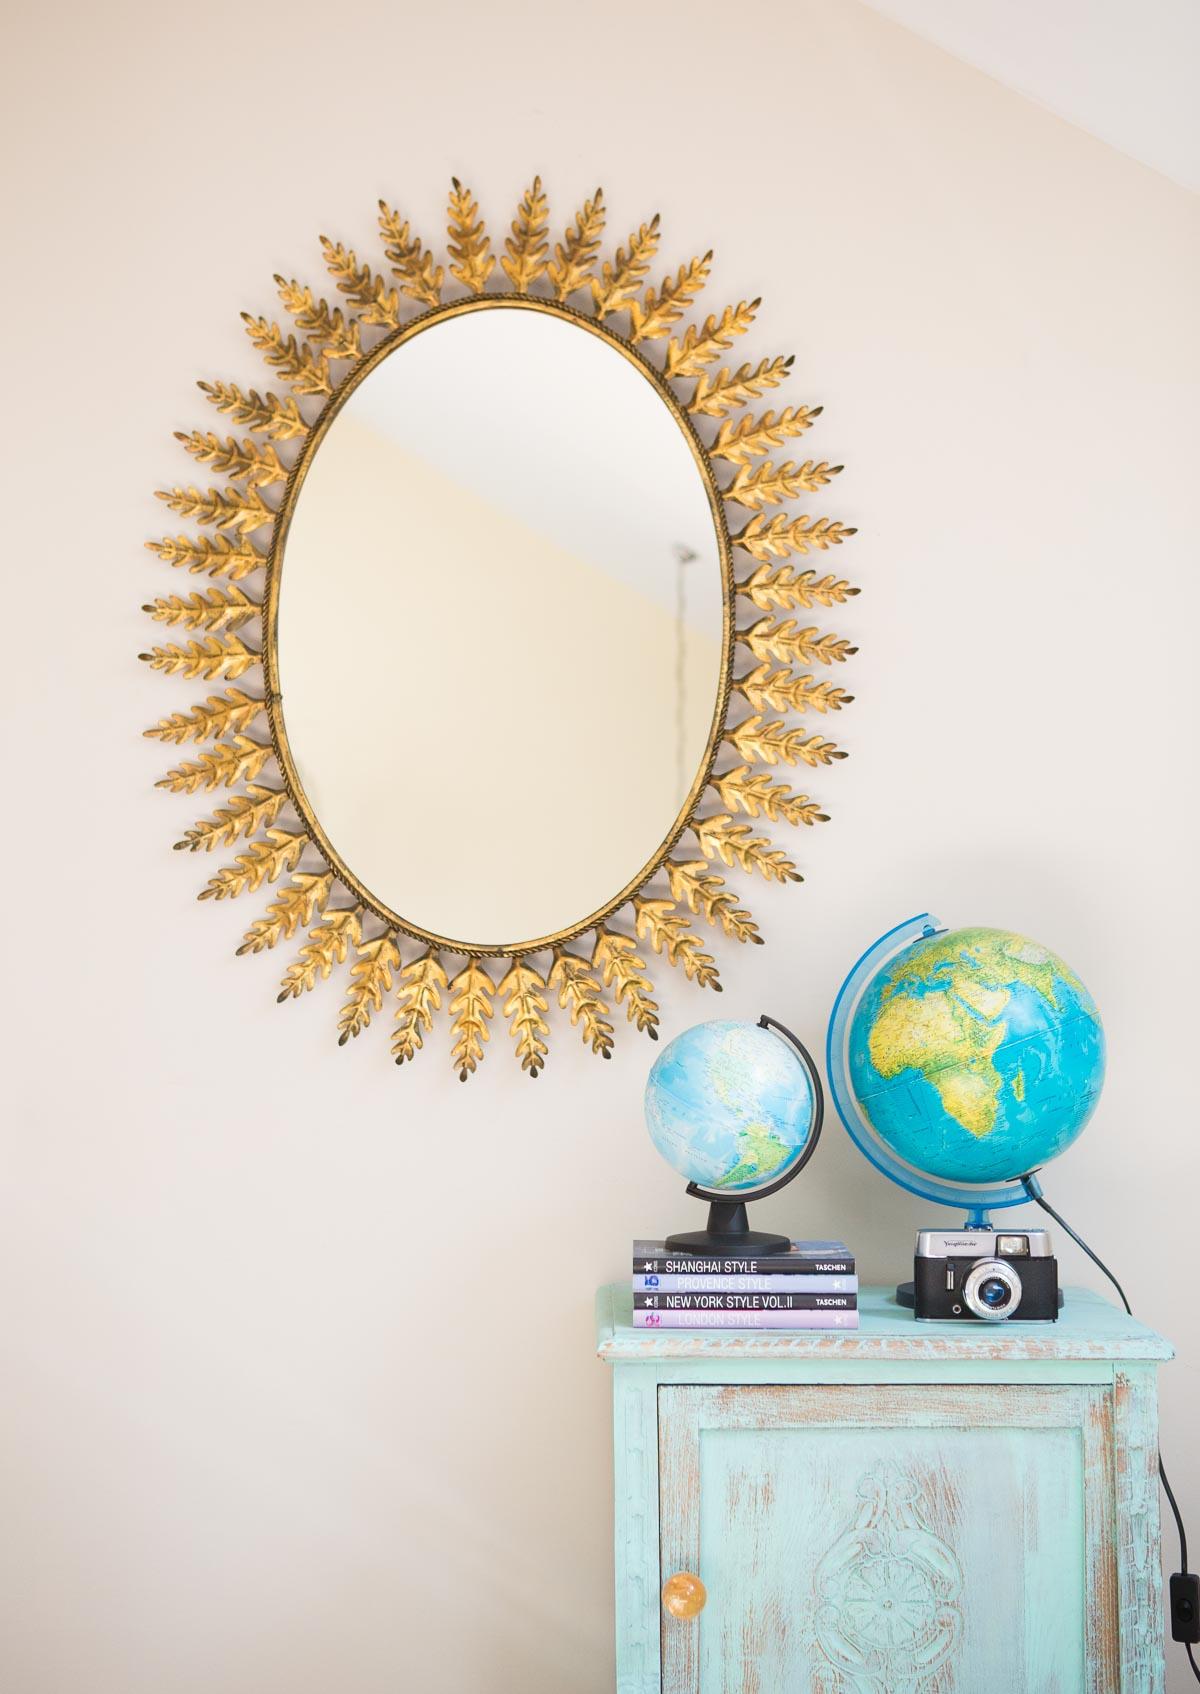 Gran espejo ovalado hojas metal 96 cm vintage and chic - Espejo veneciano antiguo ...